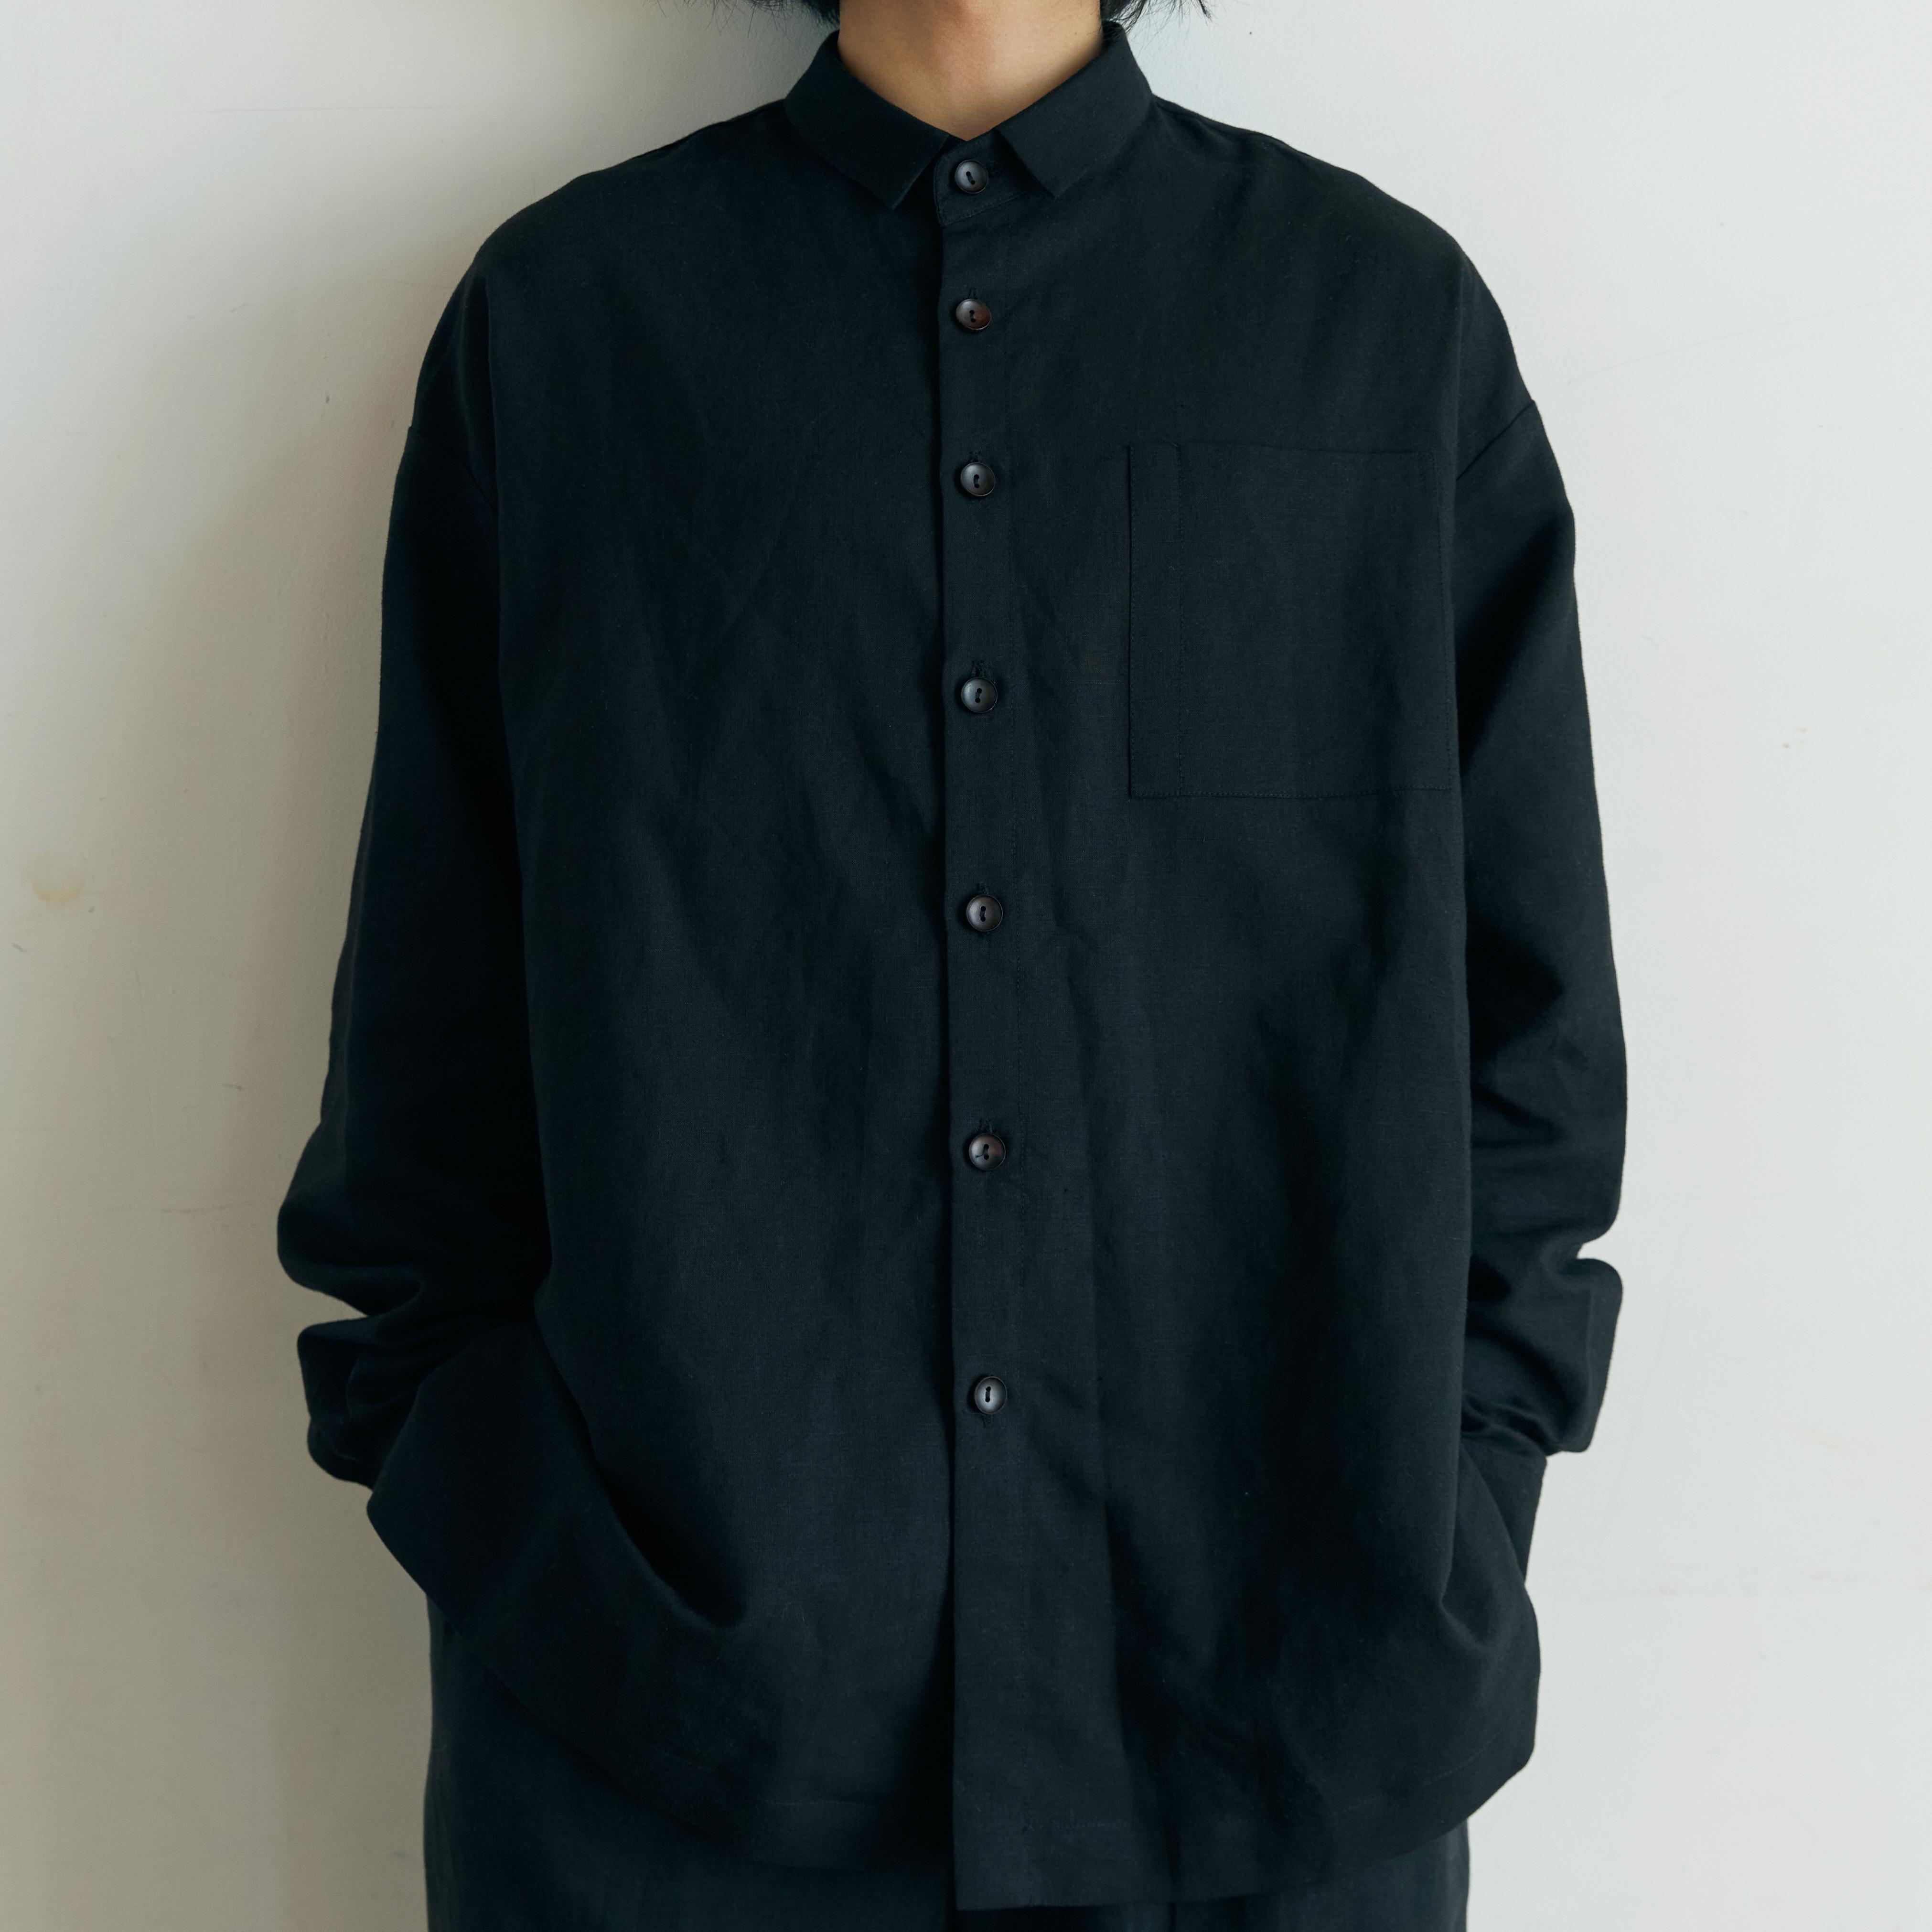 unisex short collar shirts black